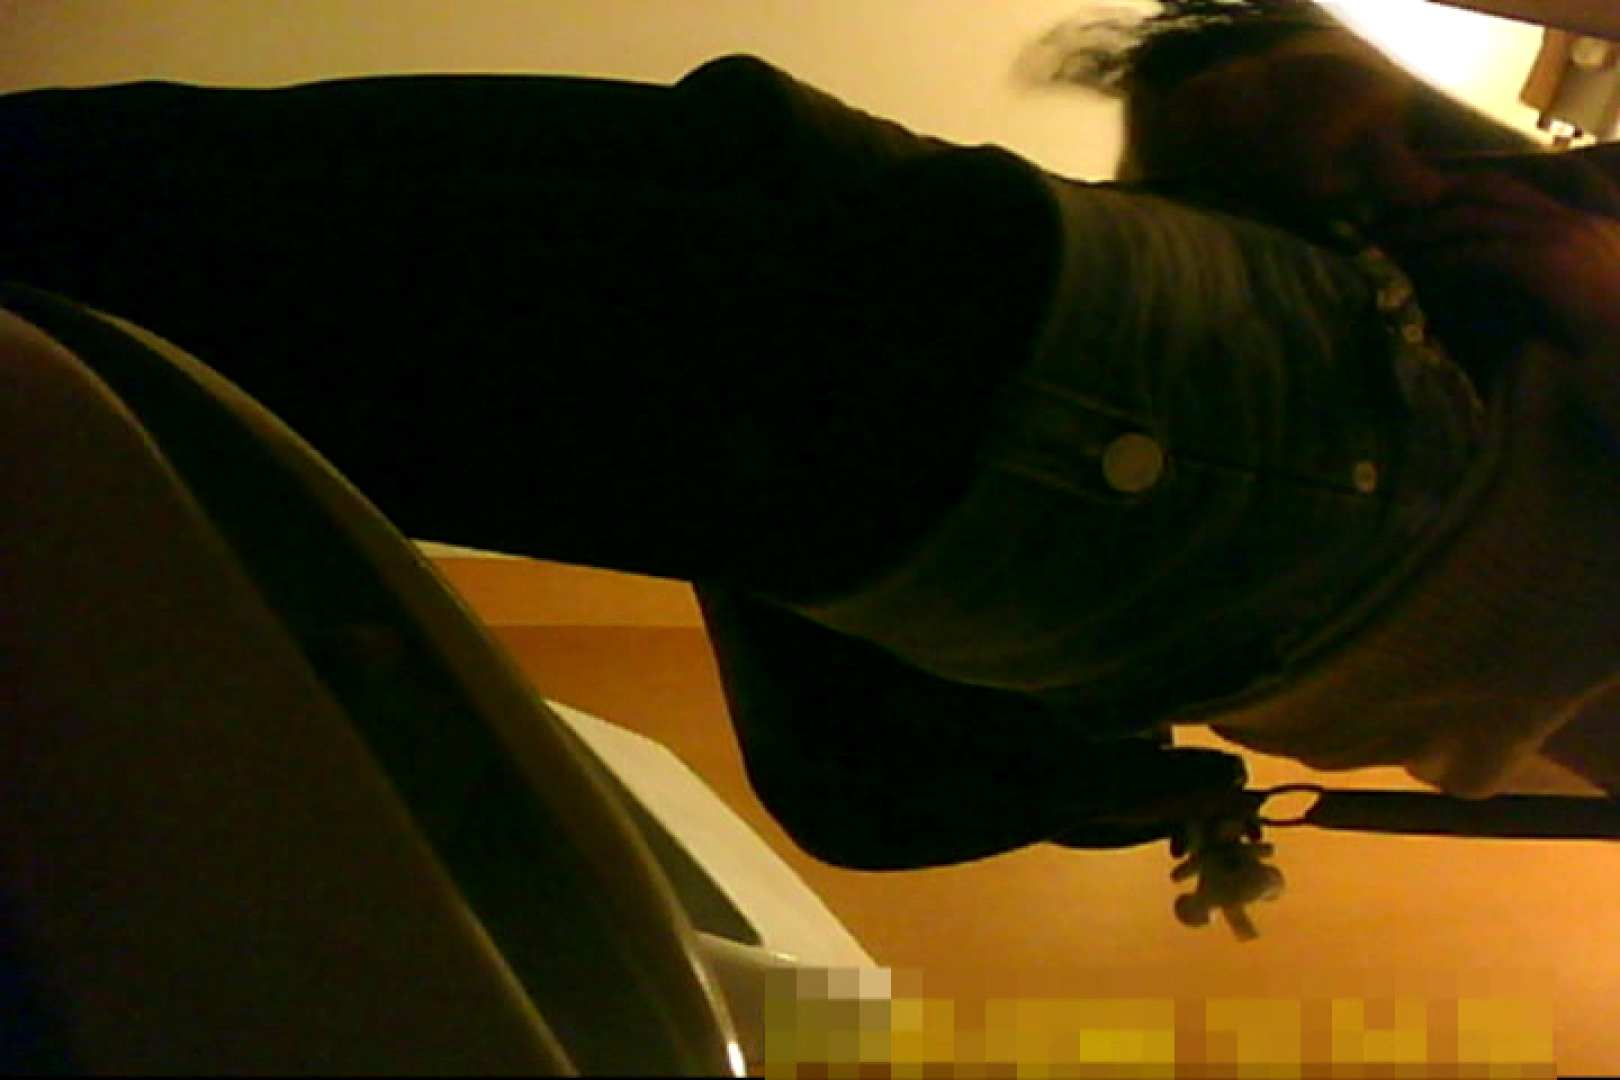 魅惑の化粧室~禁断のプライベート空間~vol.10 美しいOLの裸体 | プライベート  102pic 88